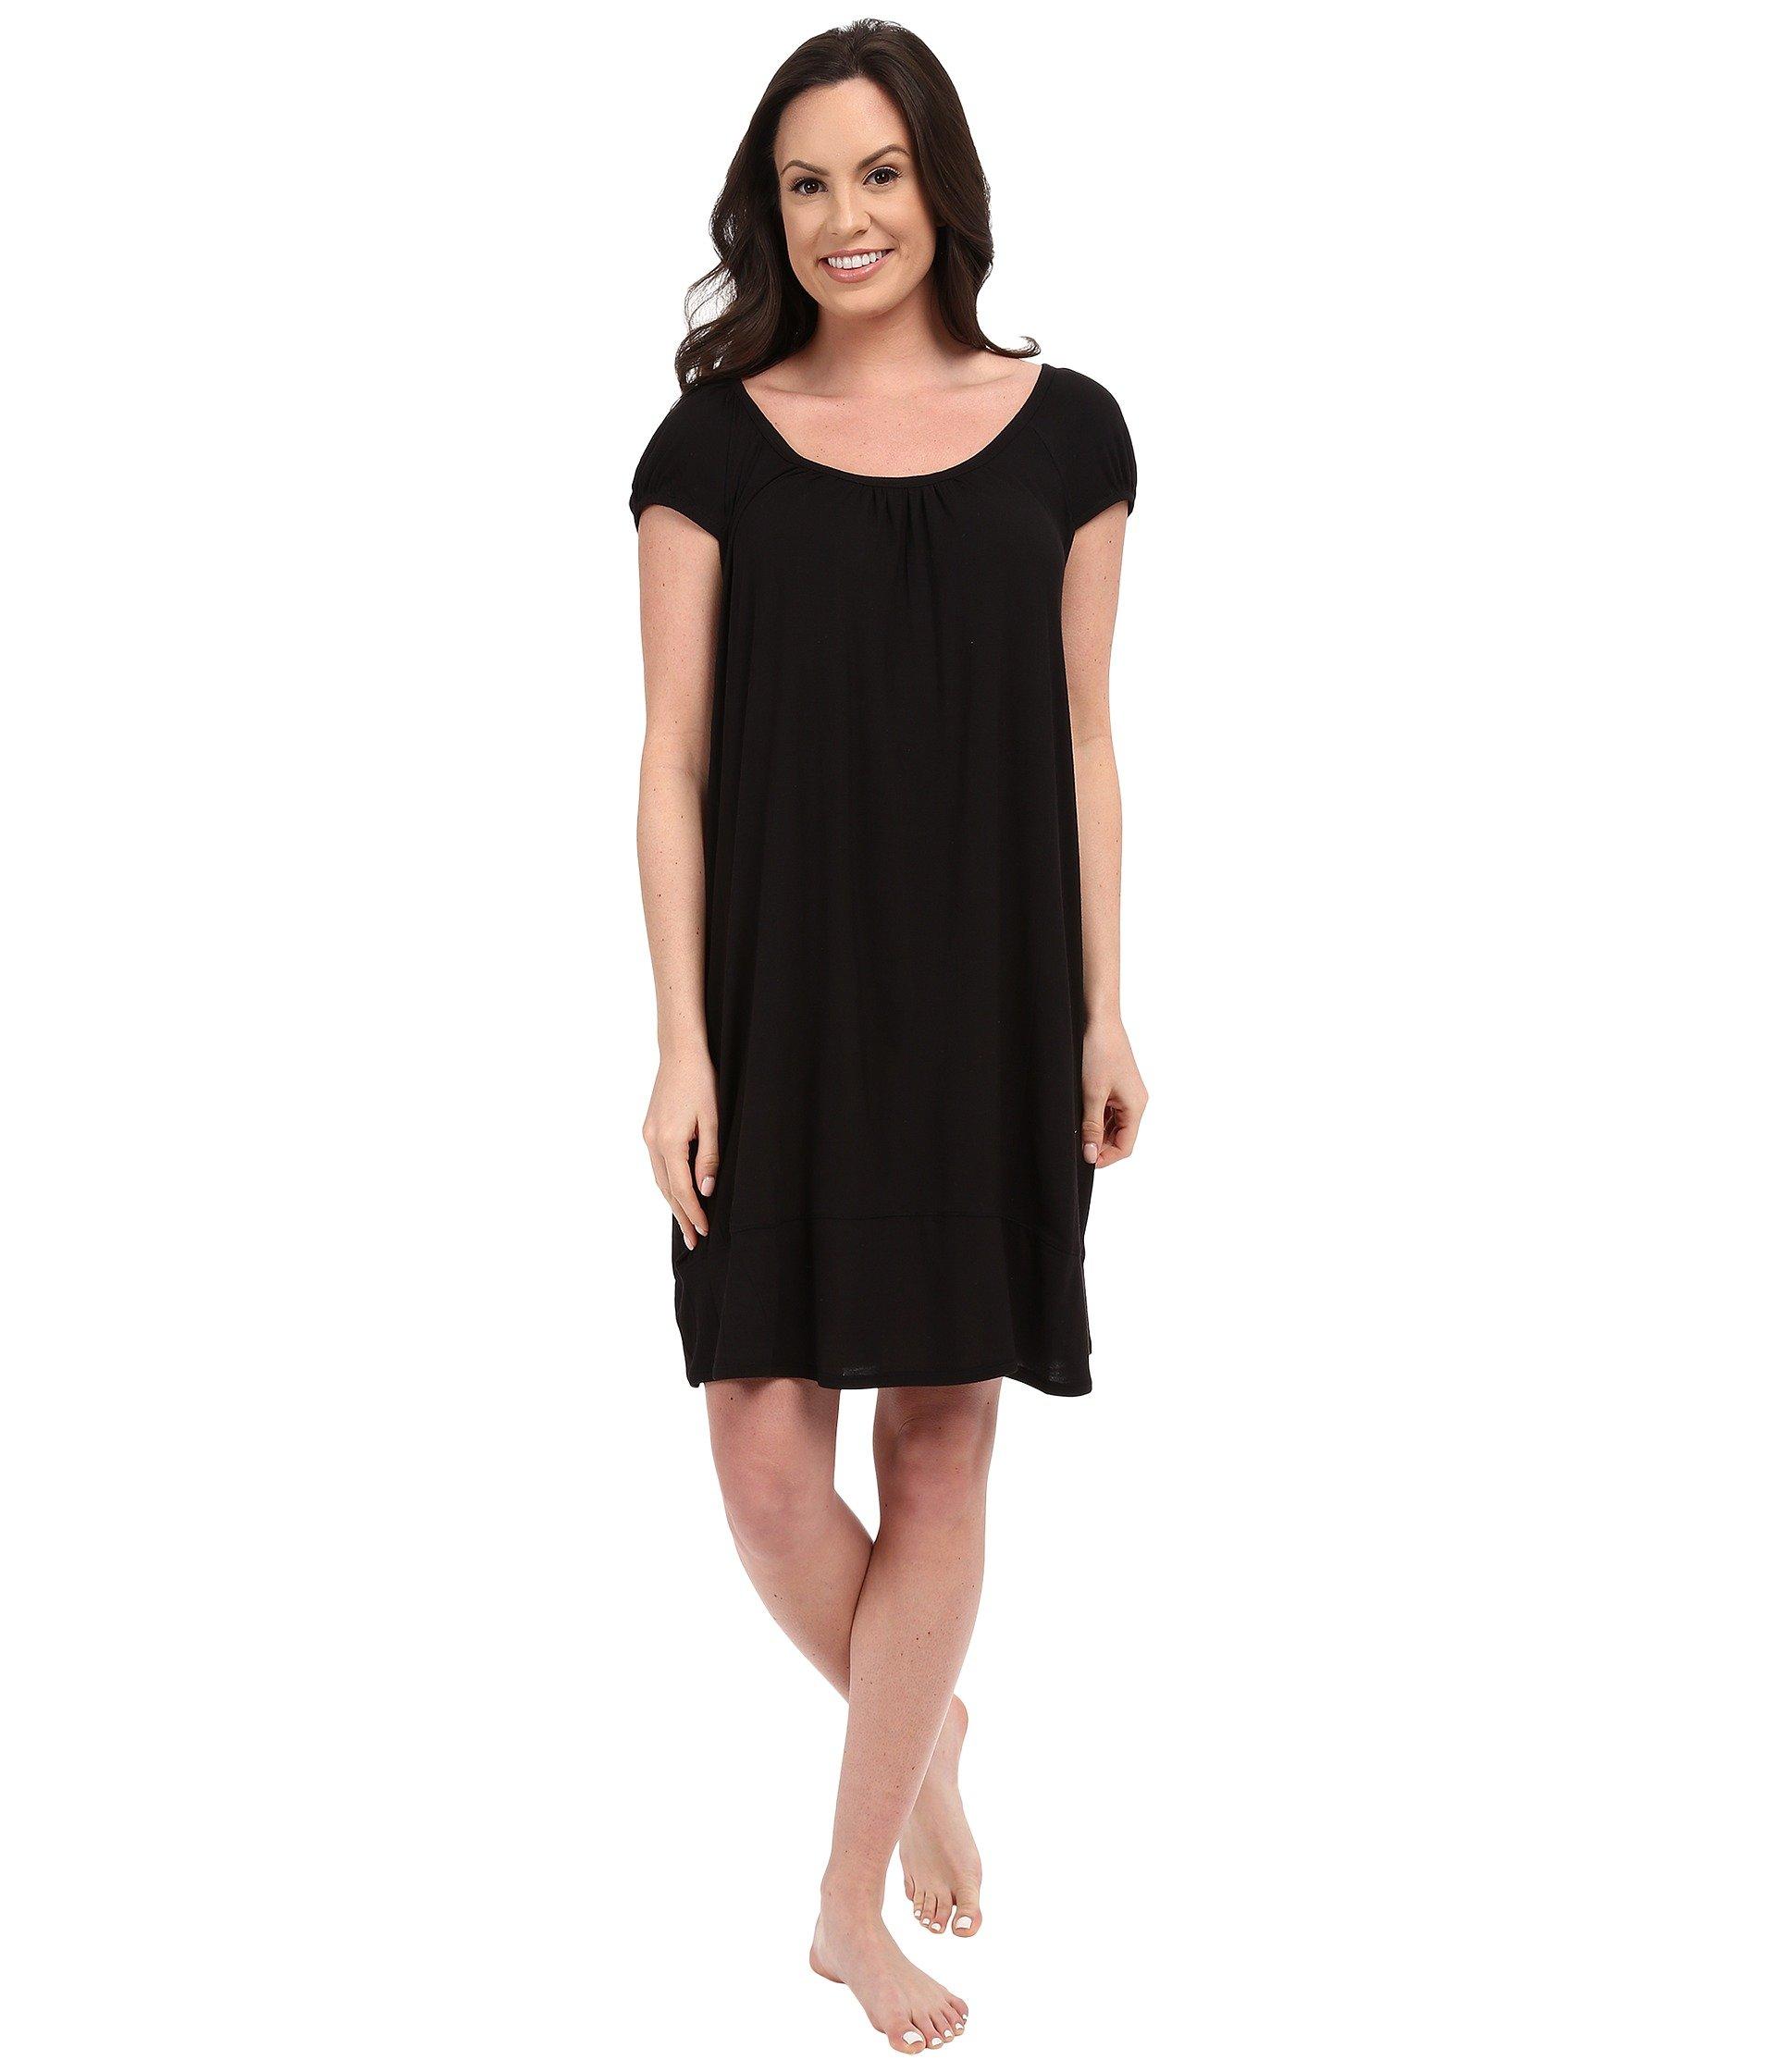 Babydoll DKNY Urban Essentials Cap Sleeve Short Sleepshirt  + DKNY en VeoyCompro.net